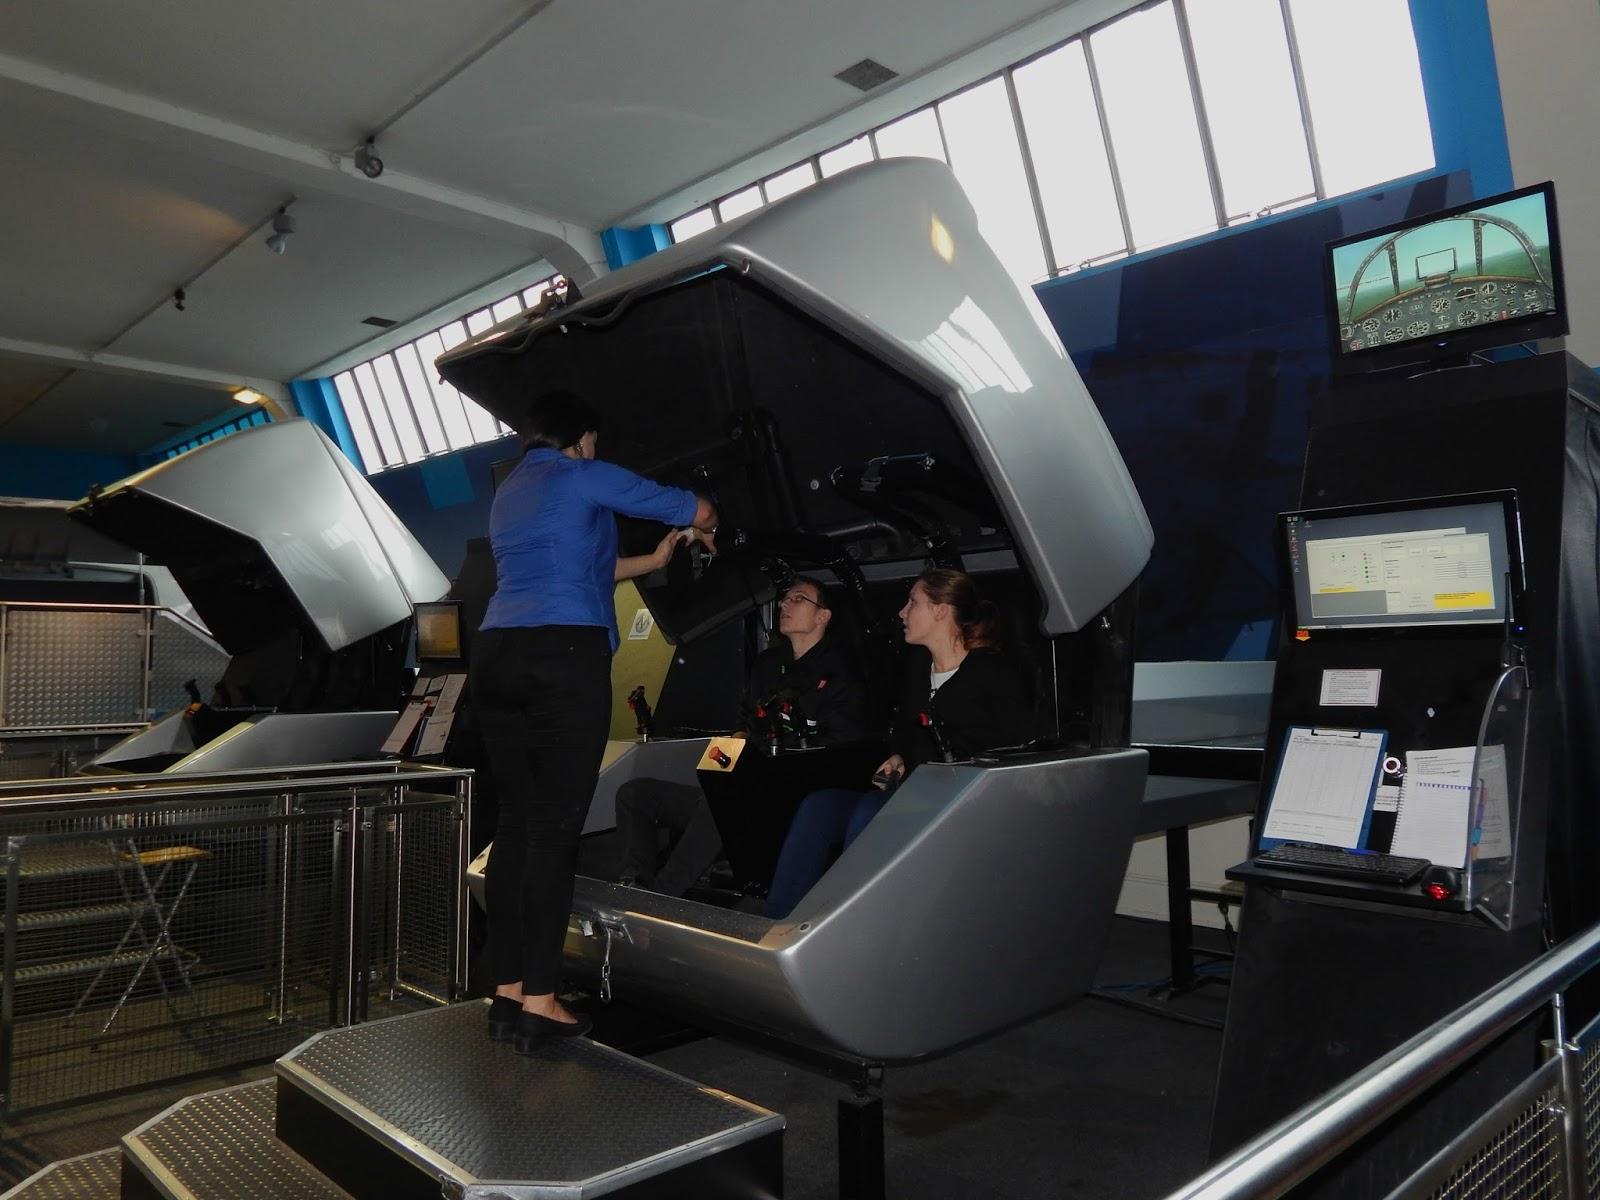 Letecký simulátor ve Science Museu v Londýně